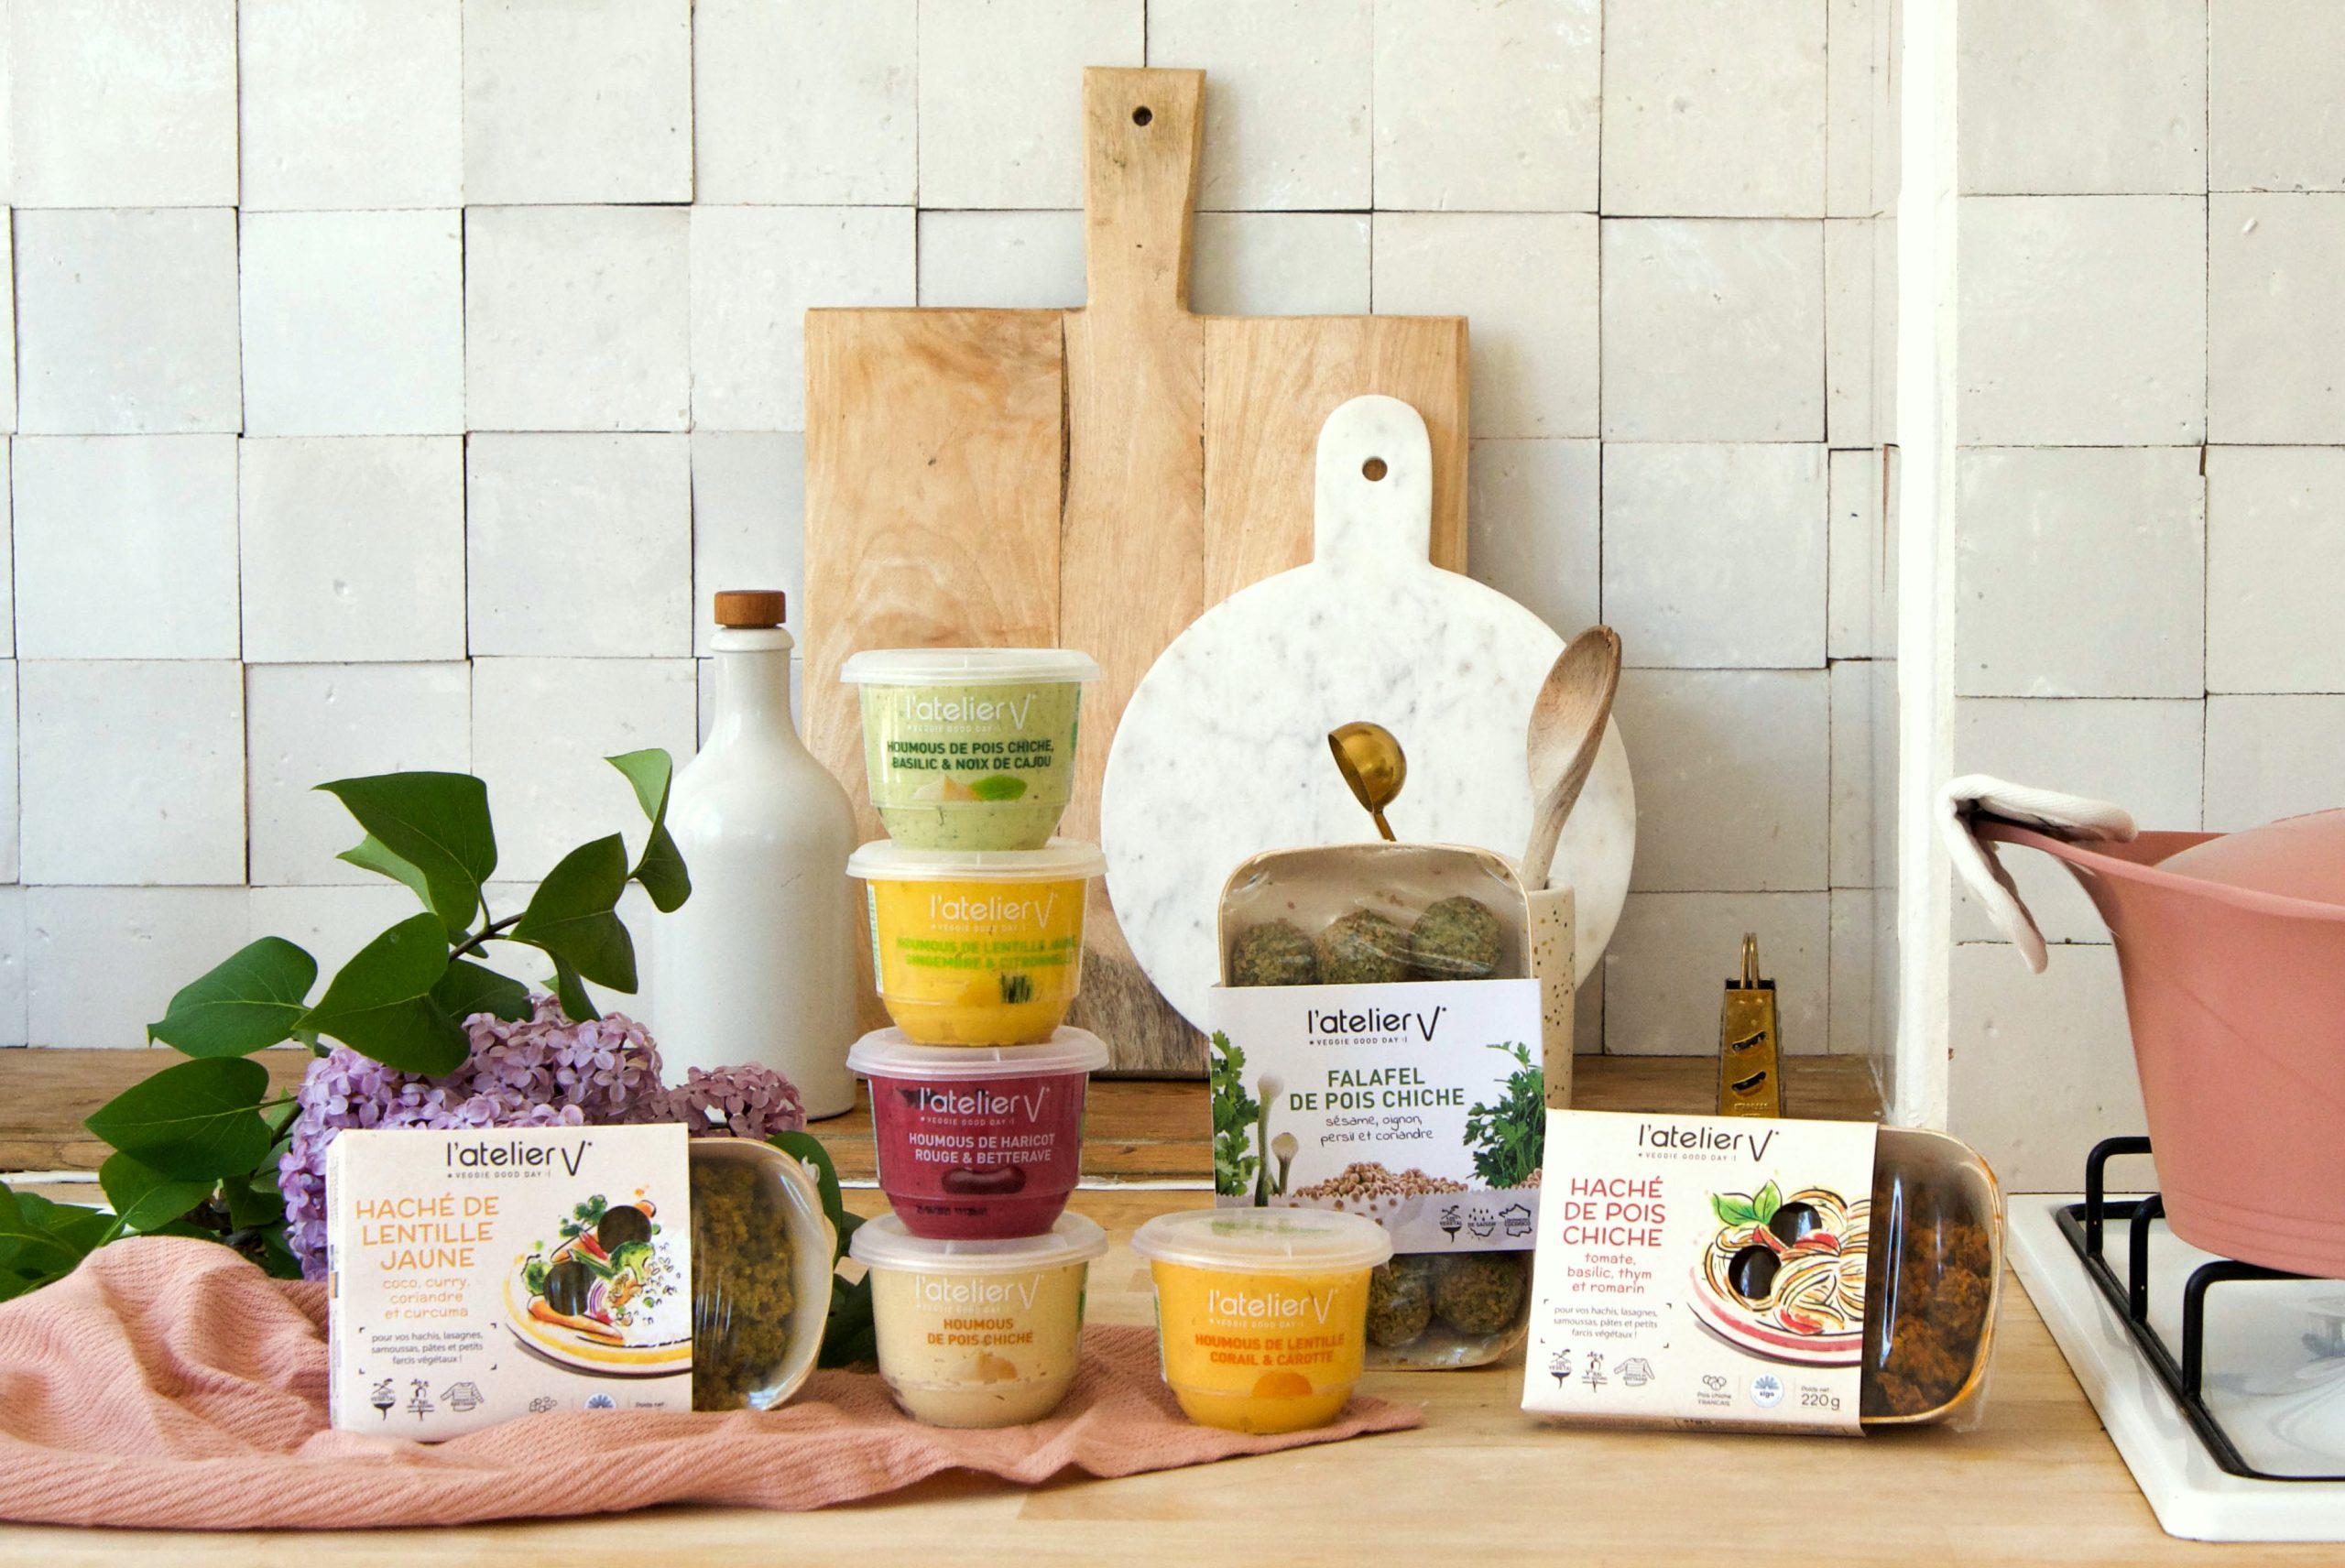 Des produits Veggie et Gourmands